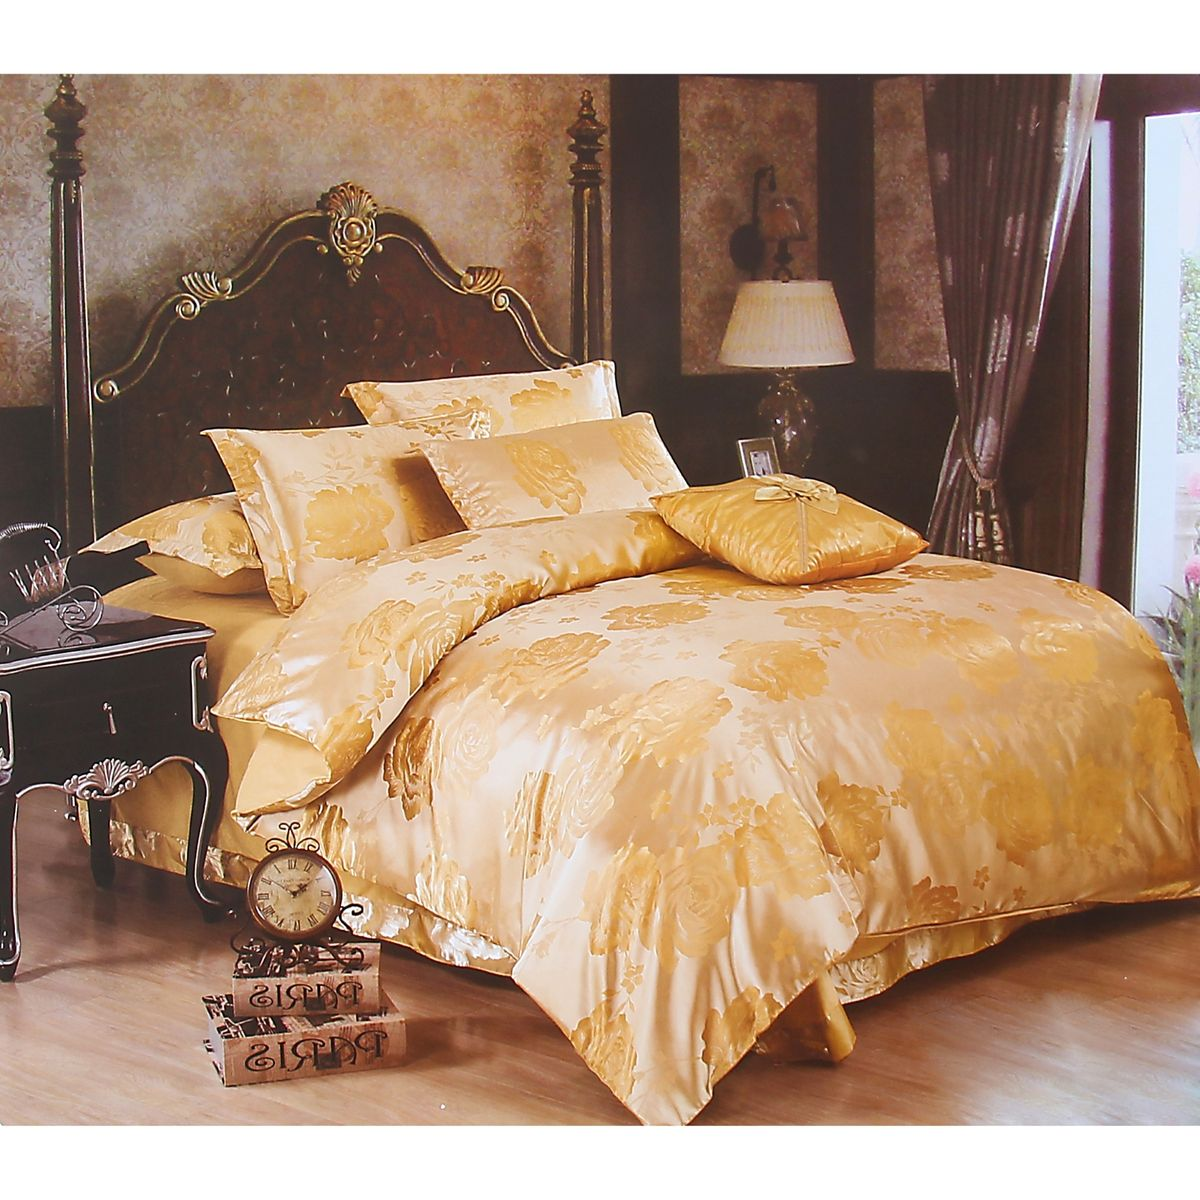 Комплект белья Этель Комильфо, евро, наволочки 50x70, цвет: бежевый, золотистыйK100Комплект постельного белья Этель Комильфо состоит из пододеяльника на молнии, простыни и двух наволочек. Удивительной красоты вышивка, нанесенная на белье, сочетает в себе нежность и теплоту.Постельное белье Этель Комильфо создано для романтичных натур, которые любят изысканный дизайн. Белье изготовлено из 100% хлопка и тканного жаккарда отвечающего всем необходимым нормативным стандартам.Жаккард - это ткань фактурного плетения, в которой нити очень плотно переплетены и образуют узорчатый рельеф. Это очень практичный материал, неприхотливый в уходе, более долговечный, по сравнению с другими тканями, полученными одним из простых способов плетения.Приобретая комплект постельного белья Этель Комильфо, вы можете быть уверенны в том, что покупка доставит вам ивашим близким удовольствие и подарит максимальный комфорт.